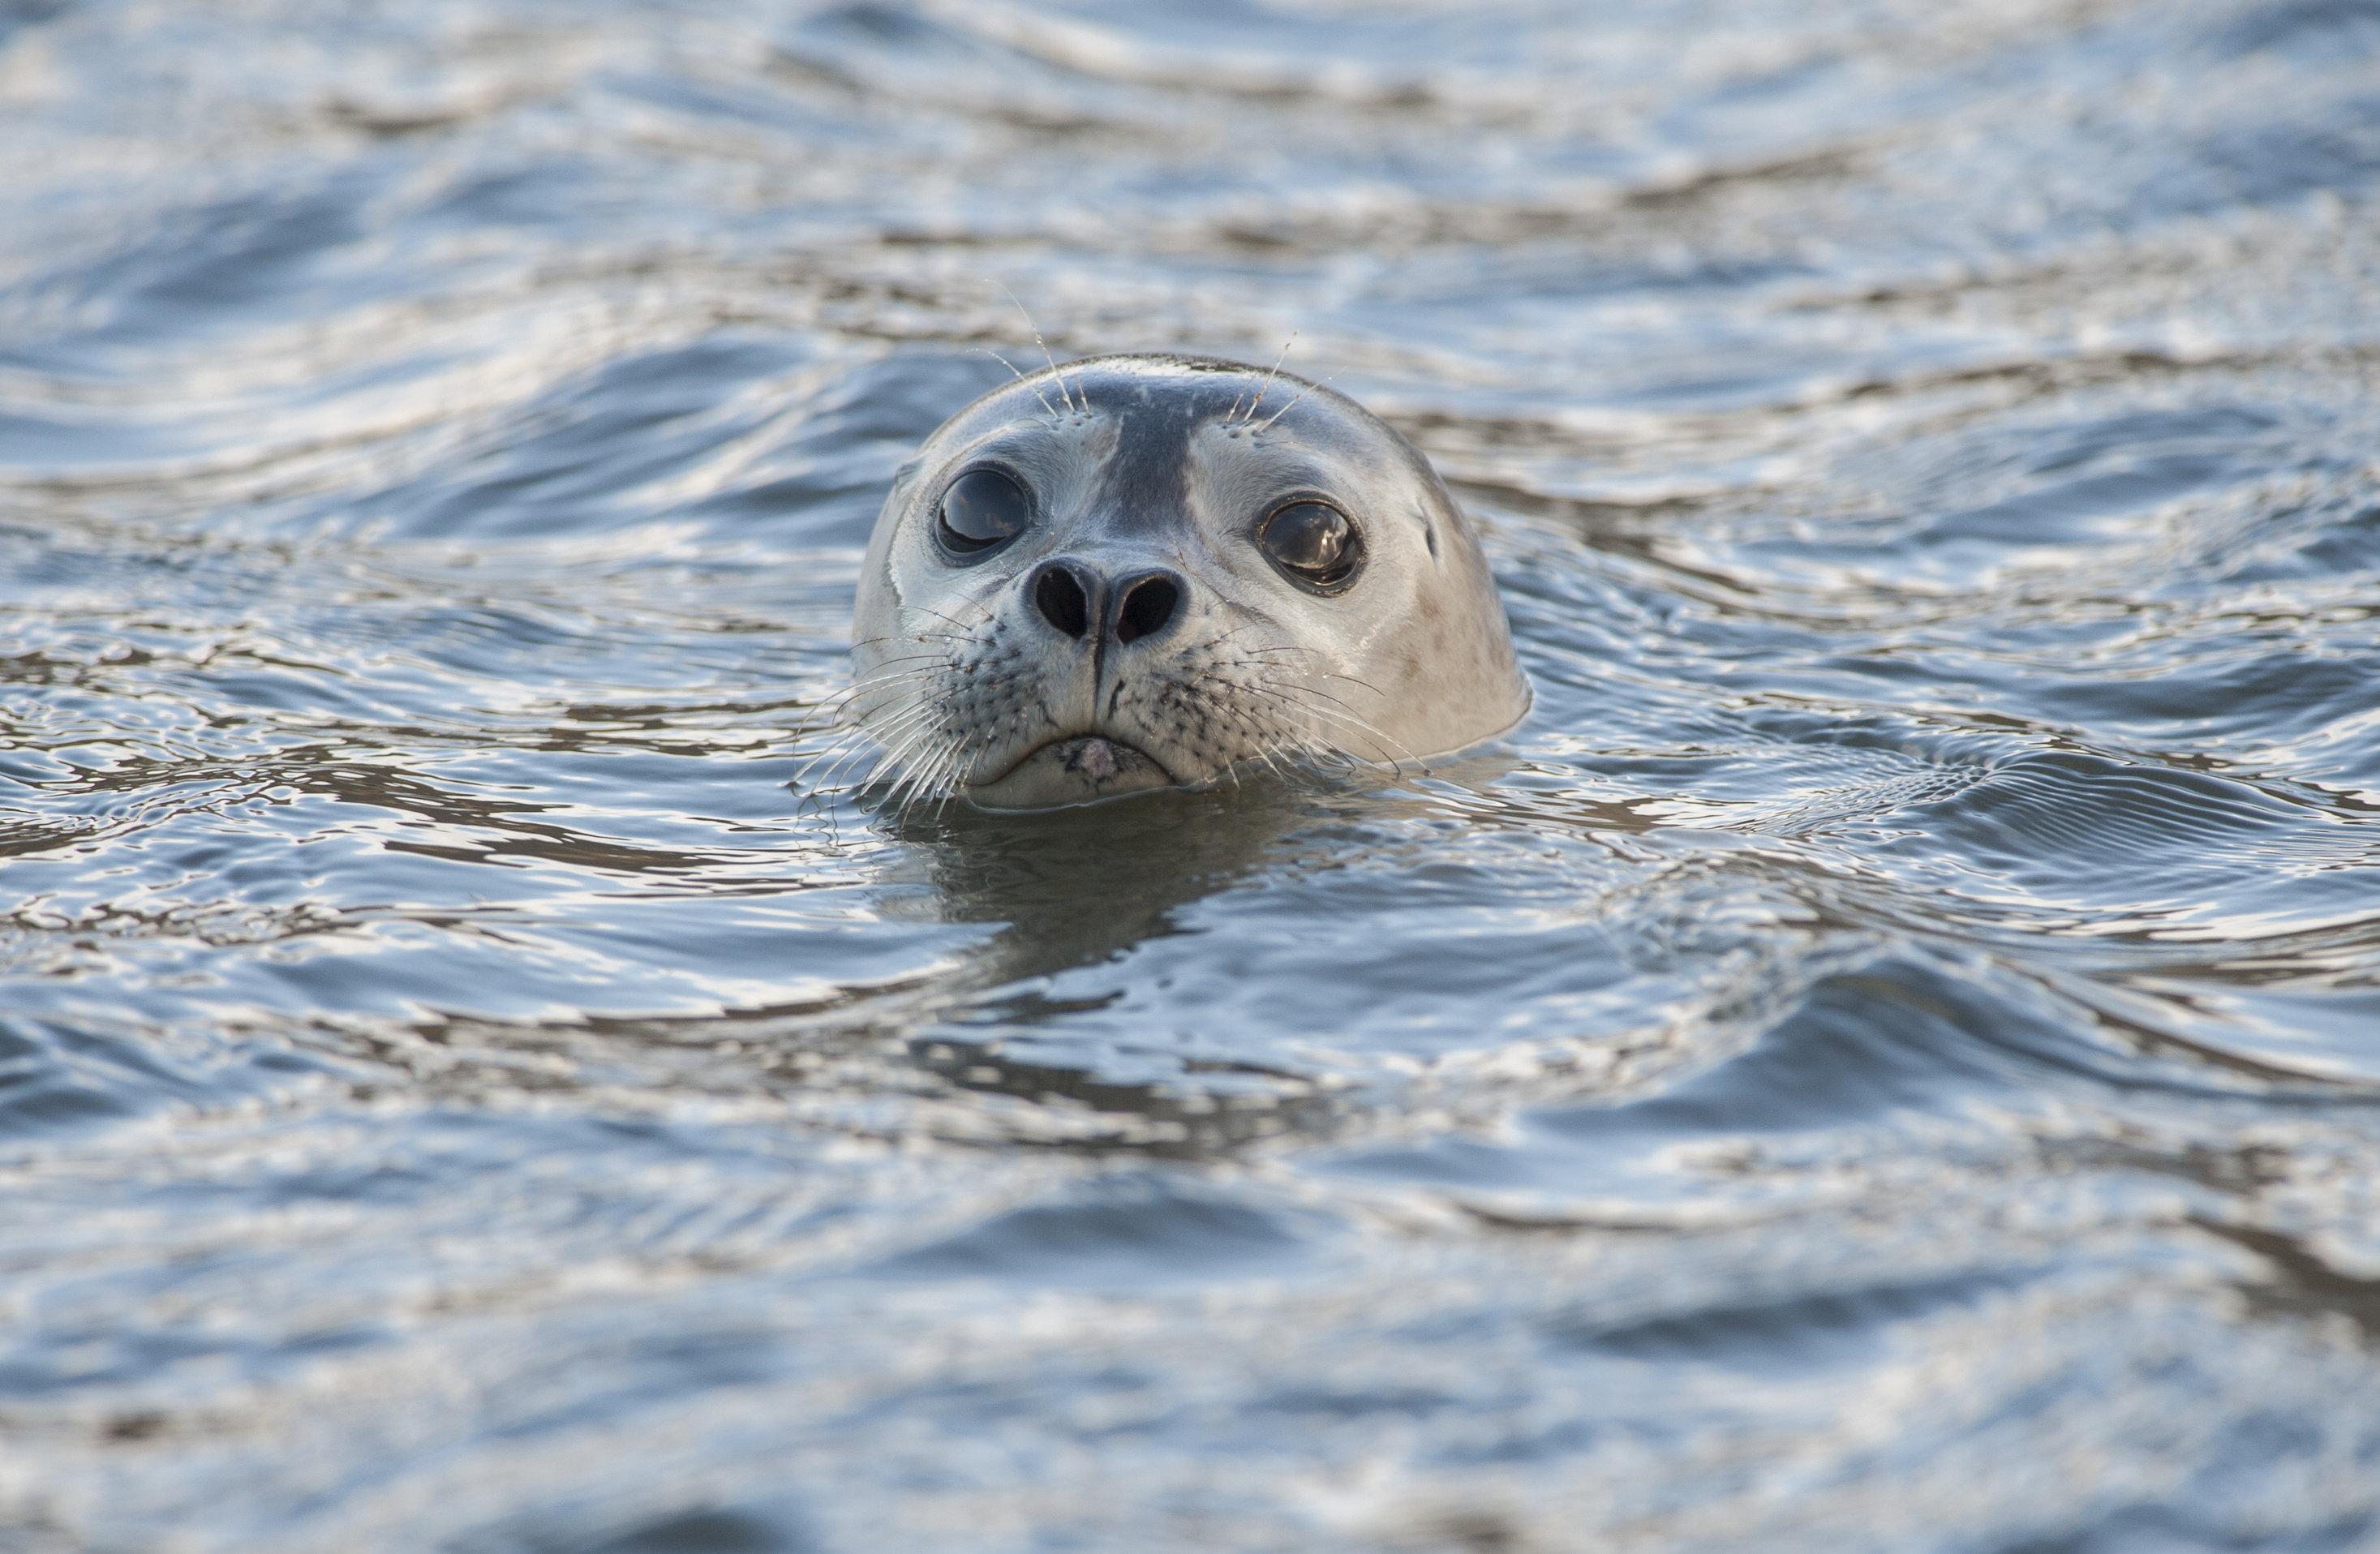 斯奈山半岛的Ytri-Tunga海滩上生活着许多海豹